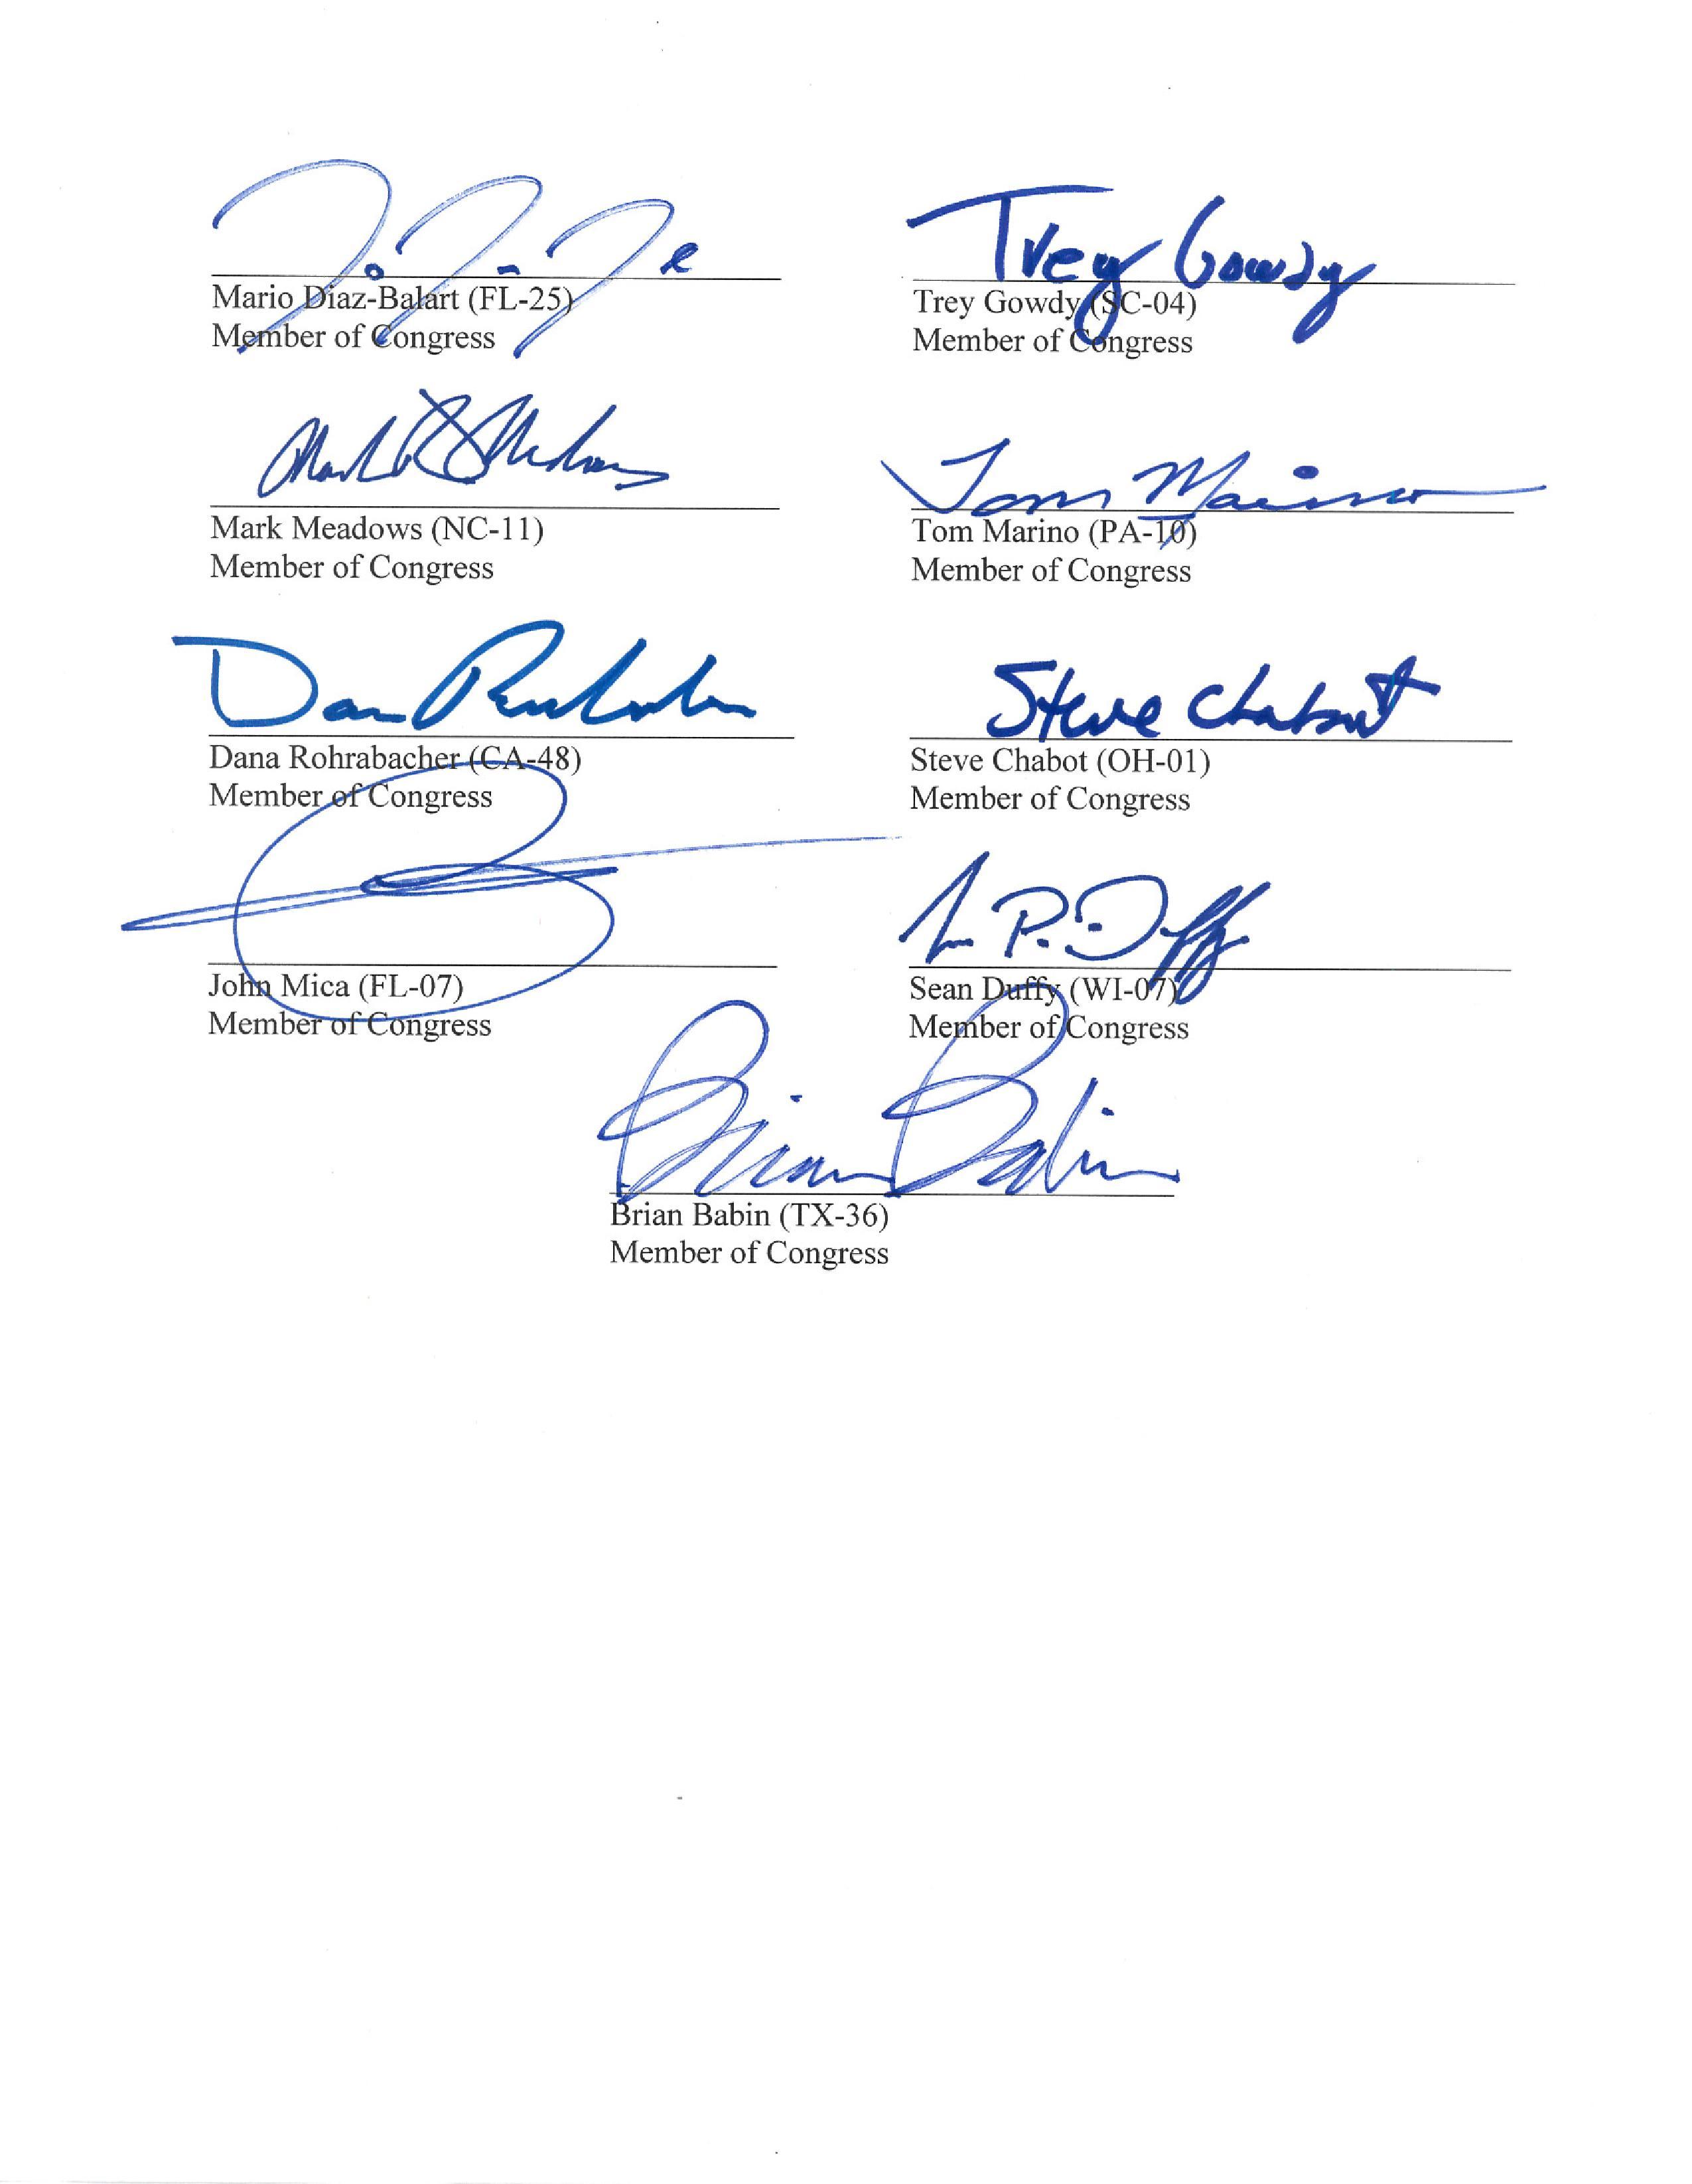 322191578-Mas-de-30-congresistas-piden-que-EEUU-sancione-a-mas-funcionarios-venezolanos-page-004.jpg